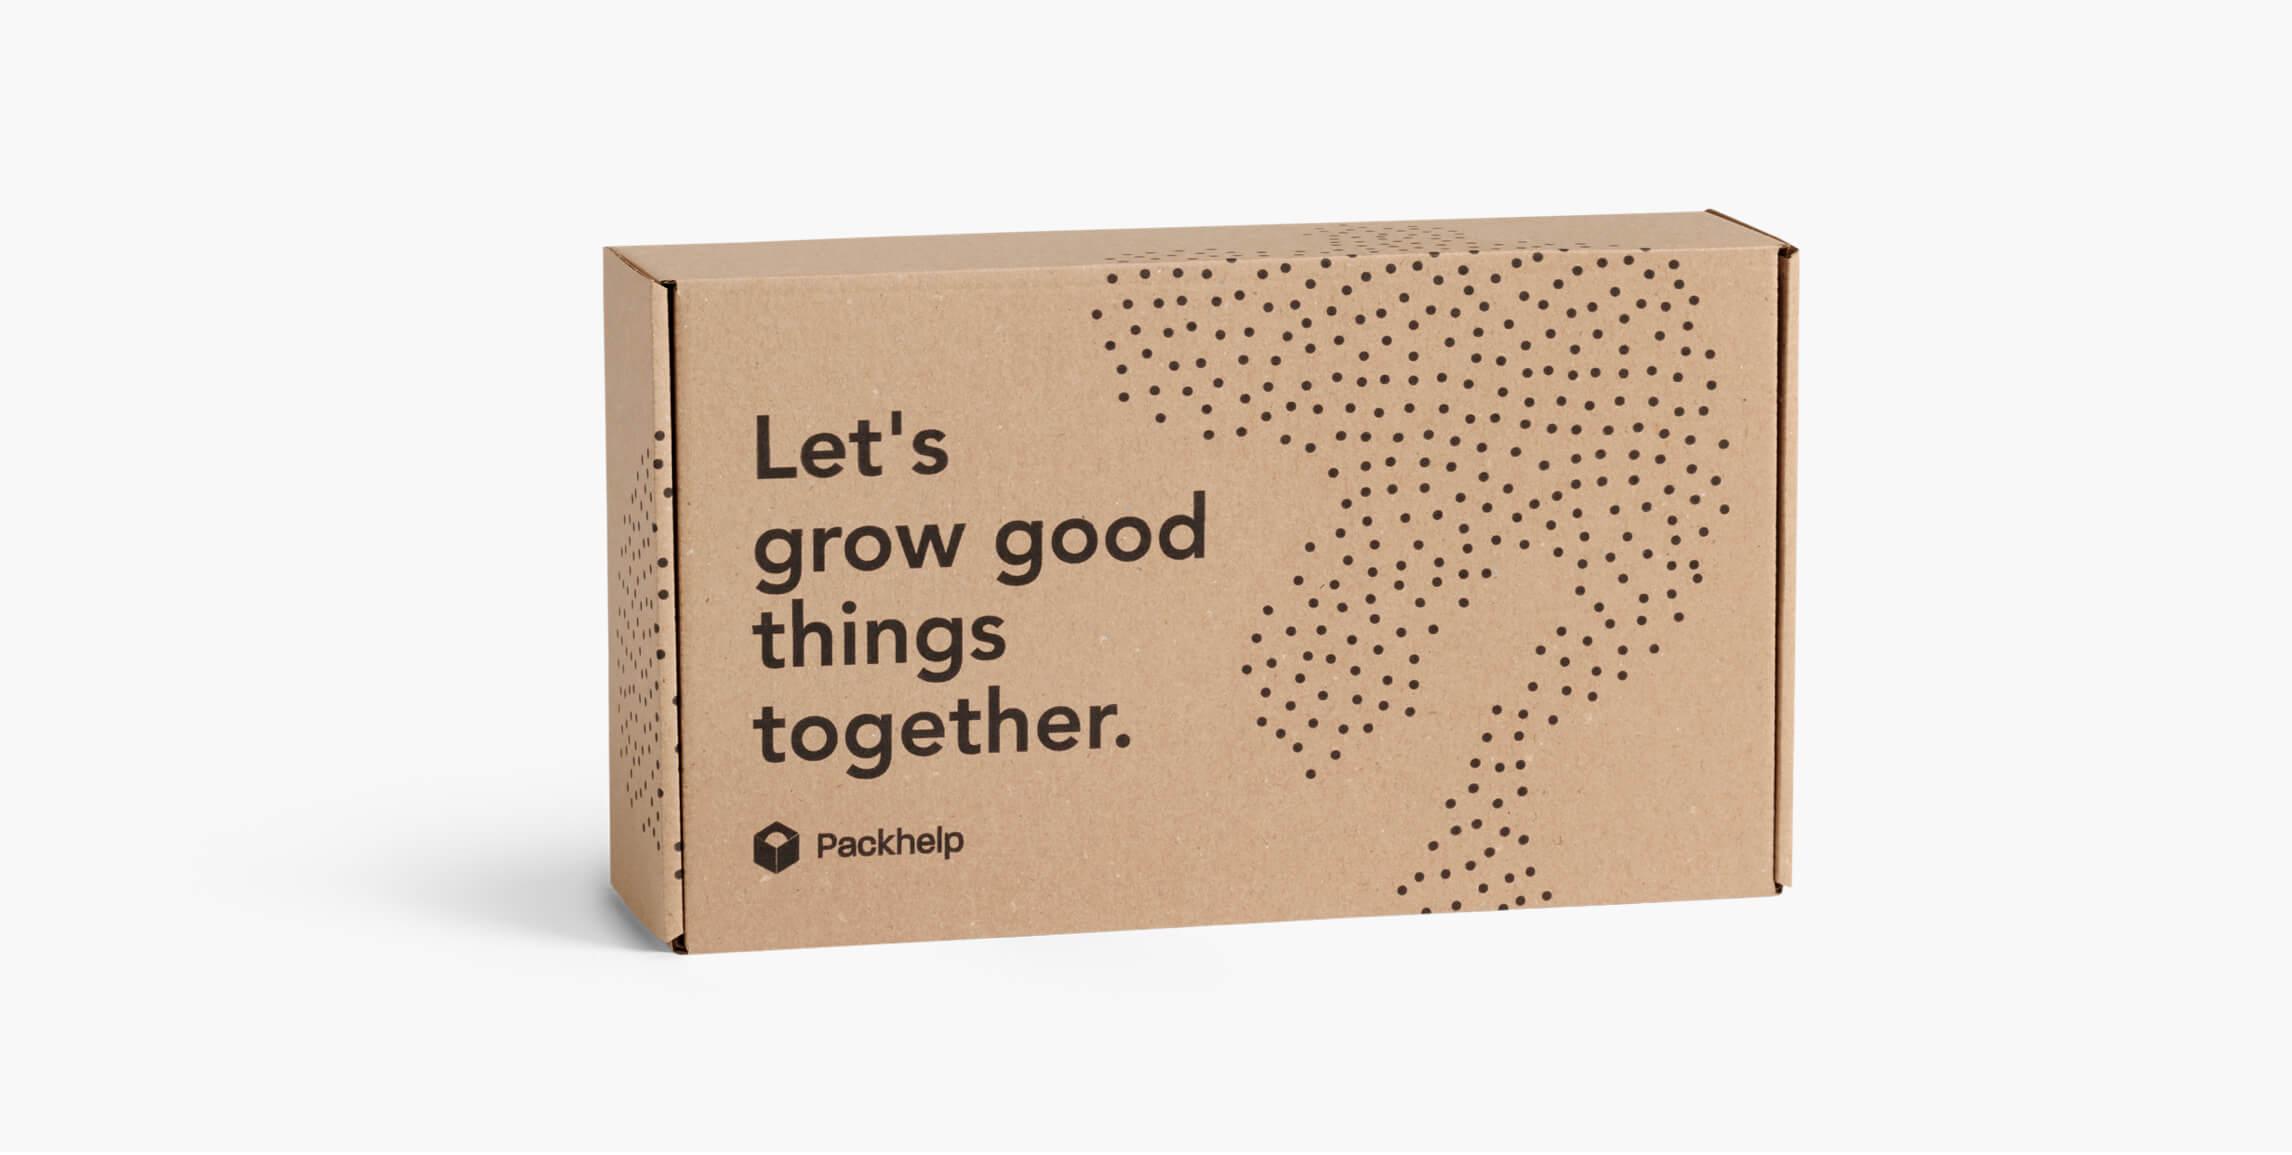 Eco Versandschachteln - individuellen Verpackungen - Packhelp